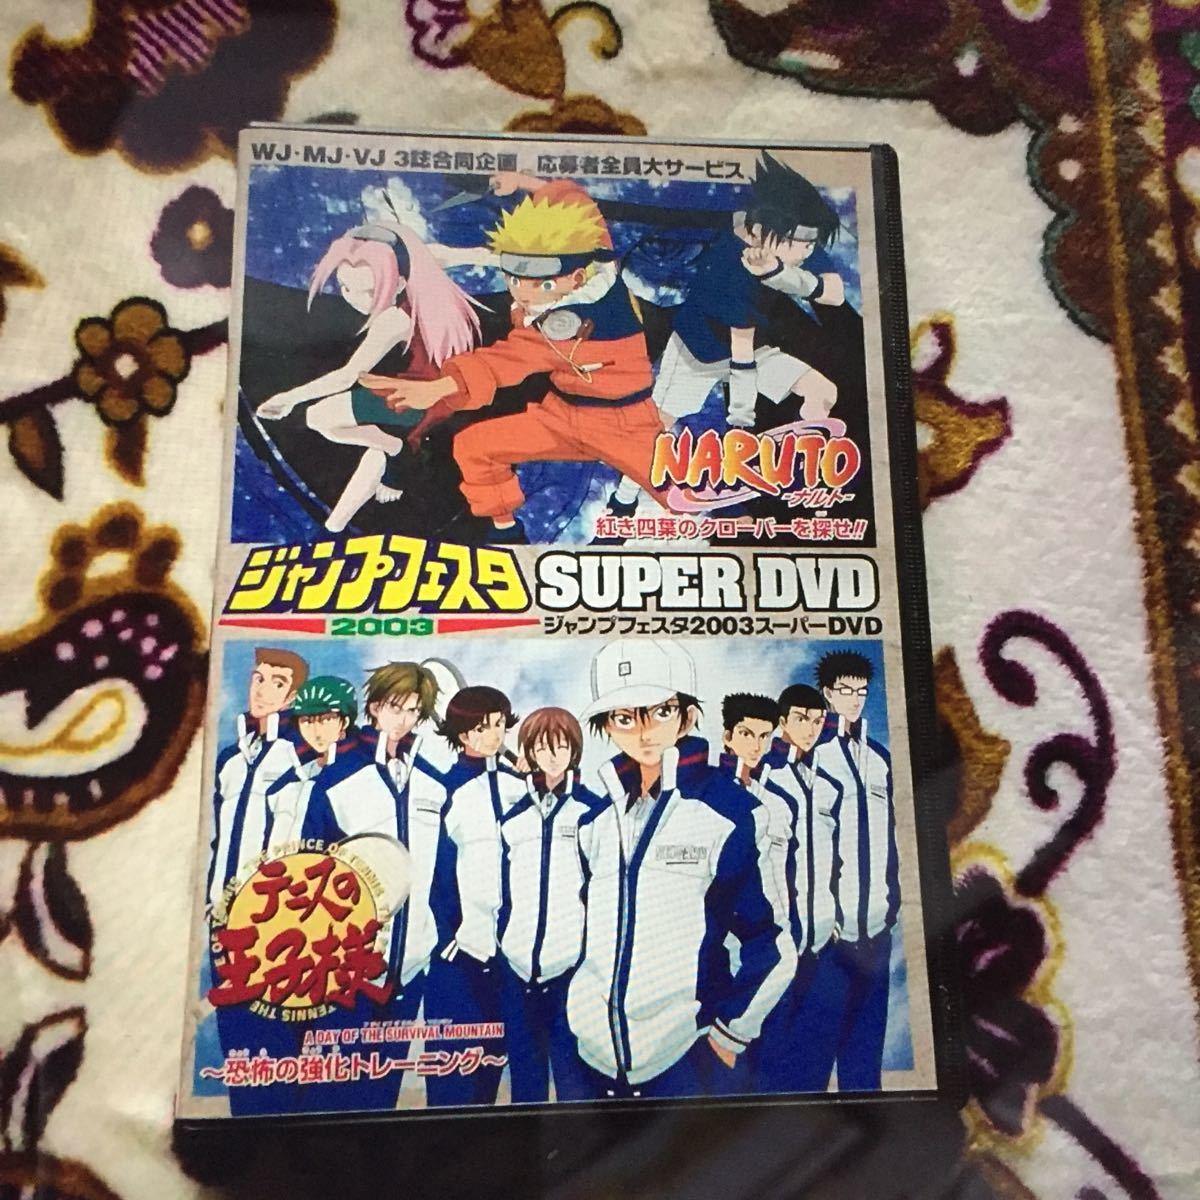 ジャンプフェスタ 2003 SUPER DVD             NARUTO、テニスの王子様